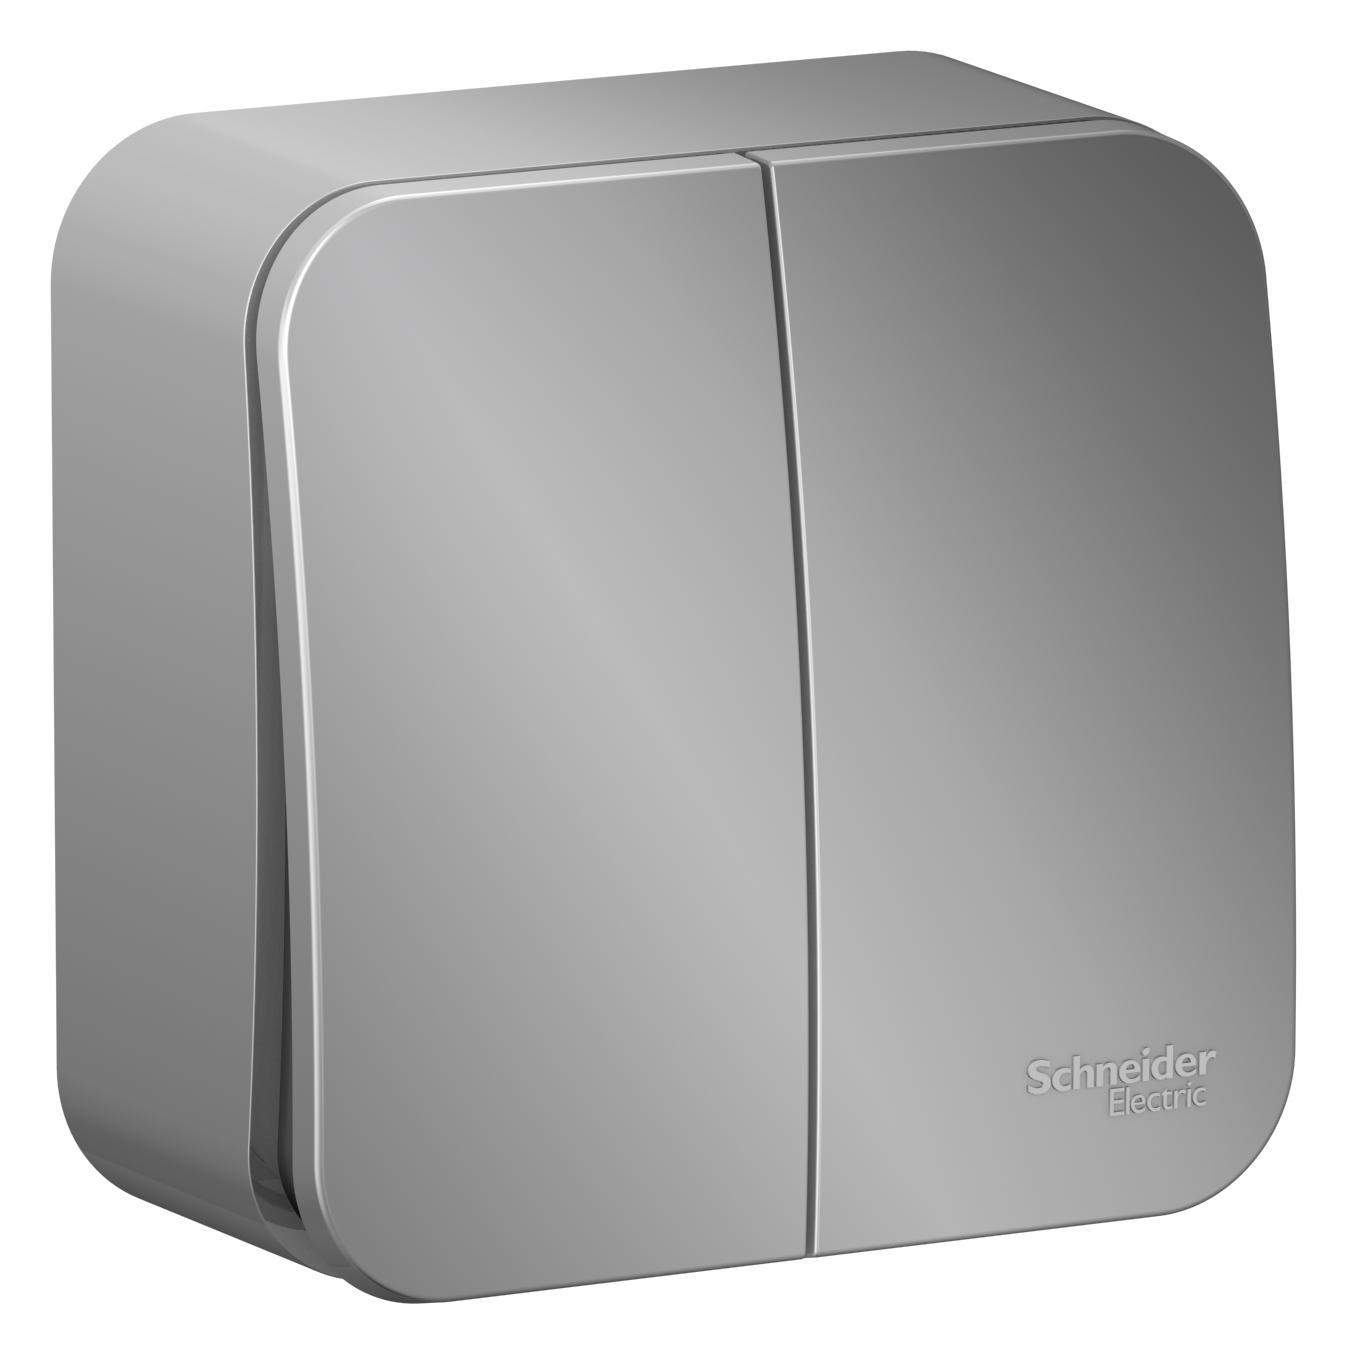 Выключатель Schneider electric Blnva105003 blanca выключатель schneider electric blnva101013 blanca